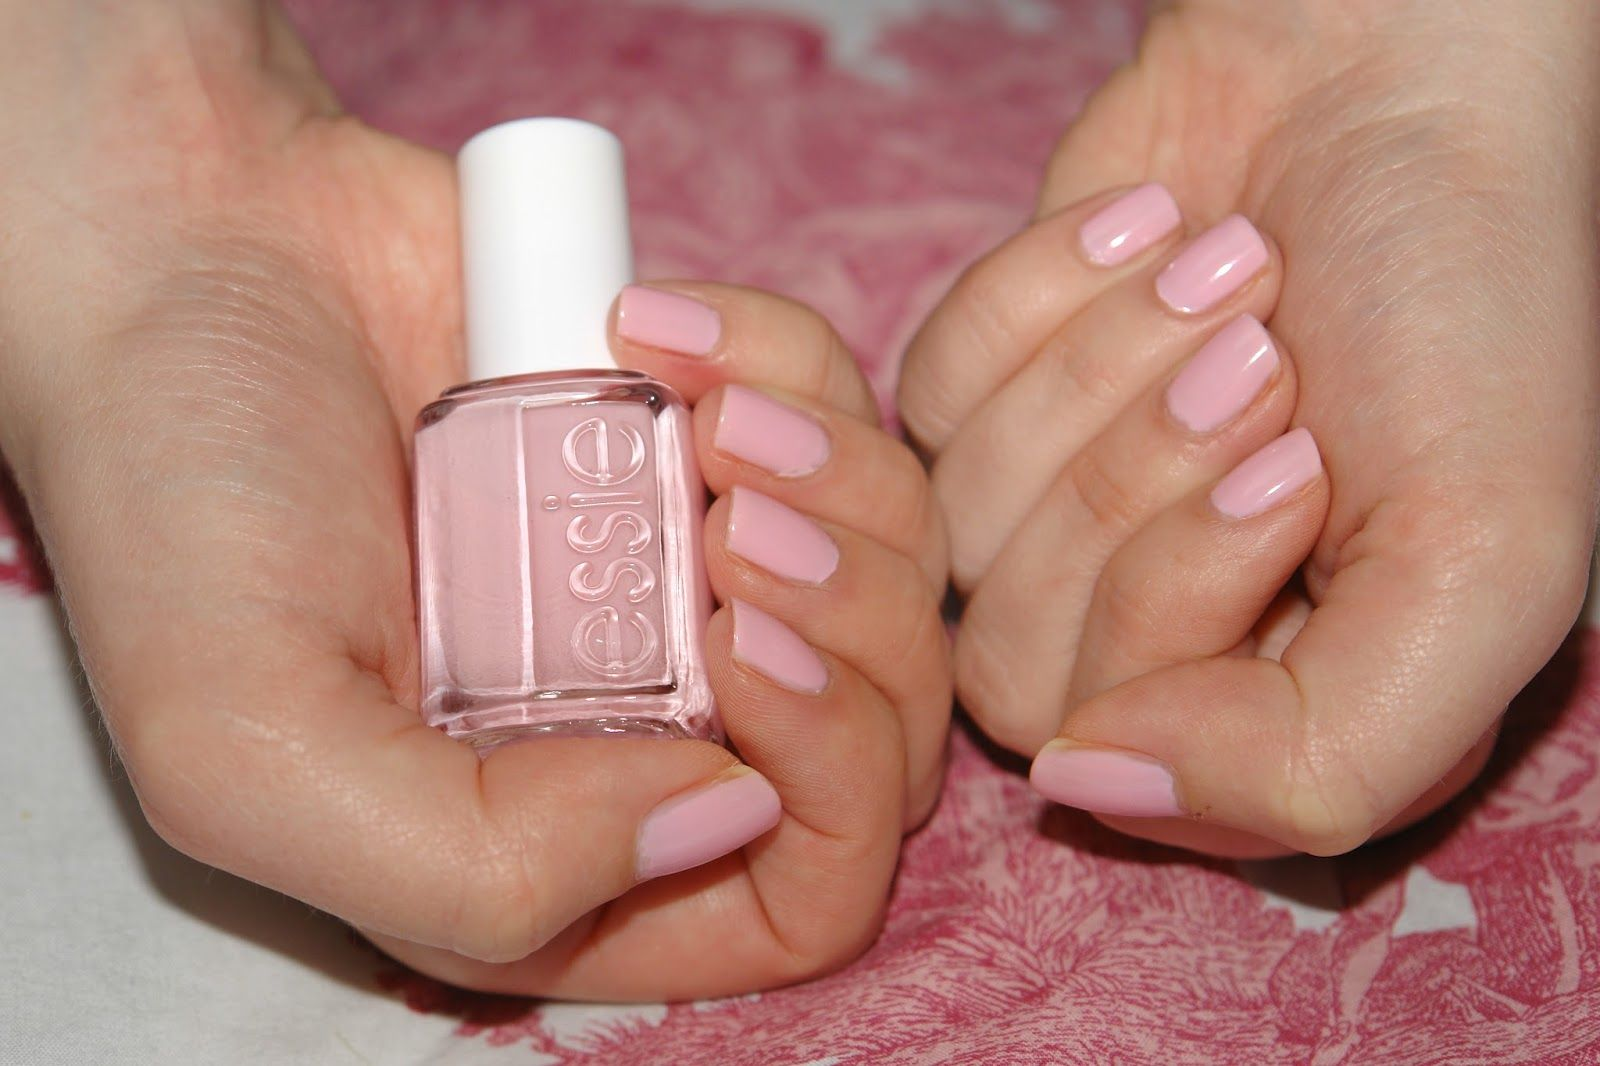 NAILS: Essie Guchi Muchi Puchi, Essie, nail polish, nails, NOTD ...